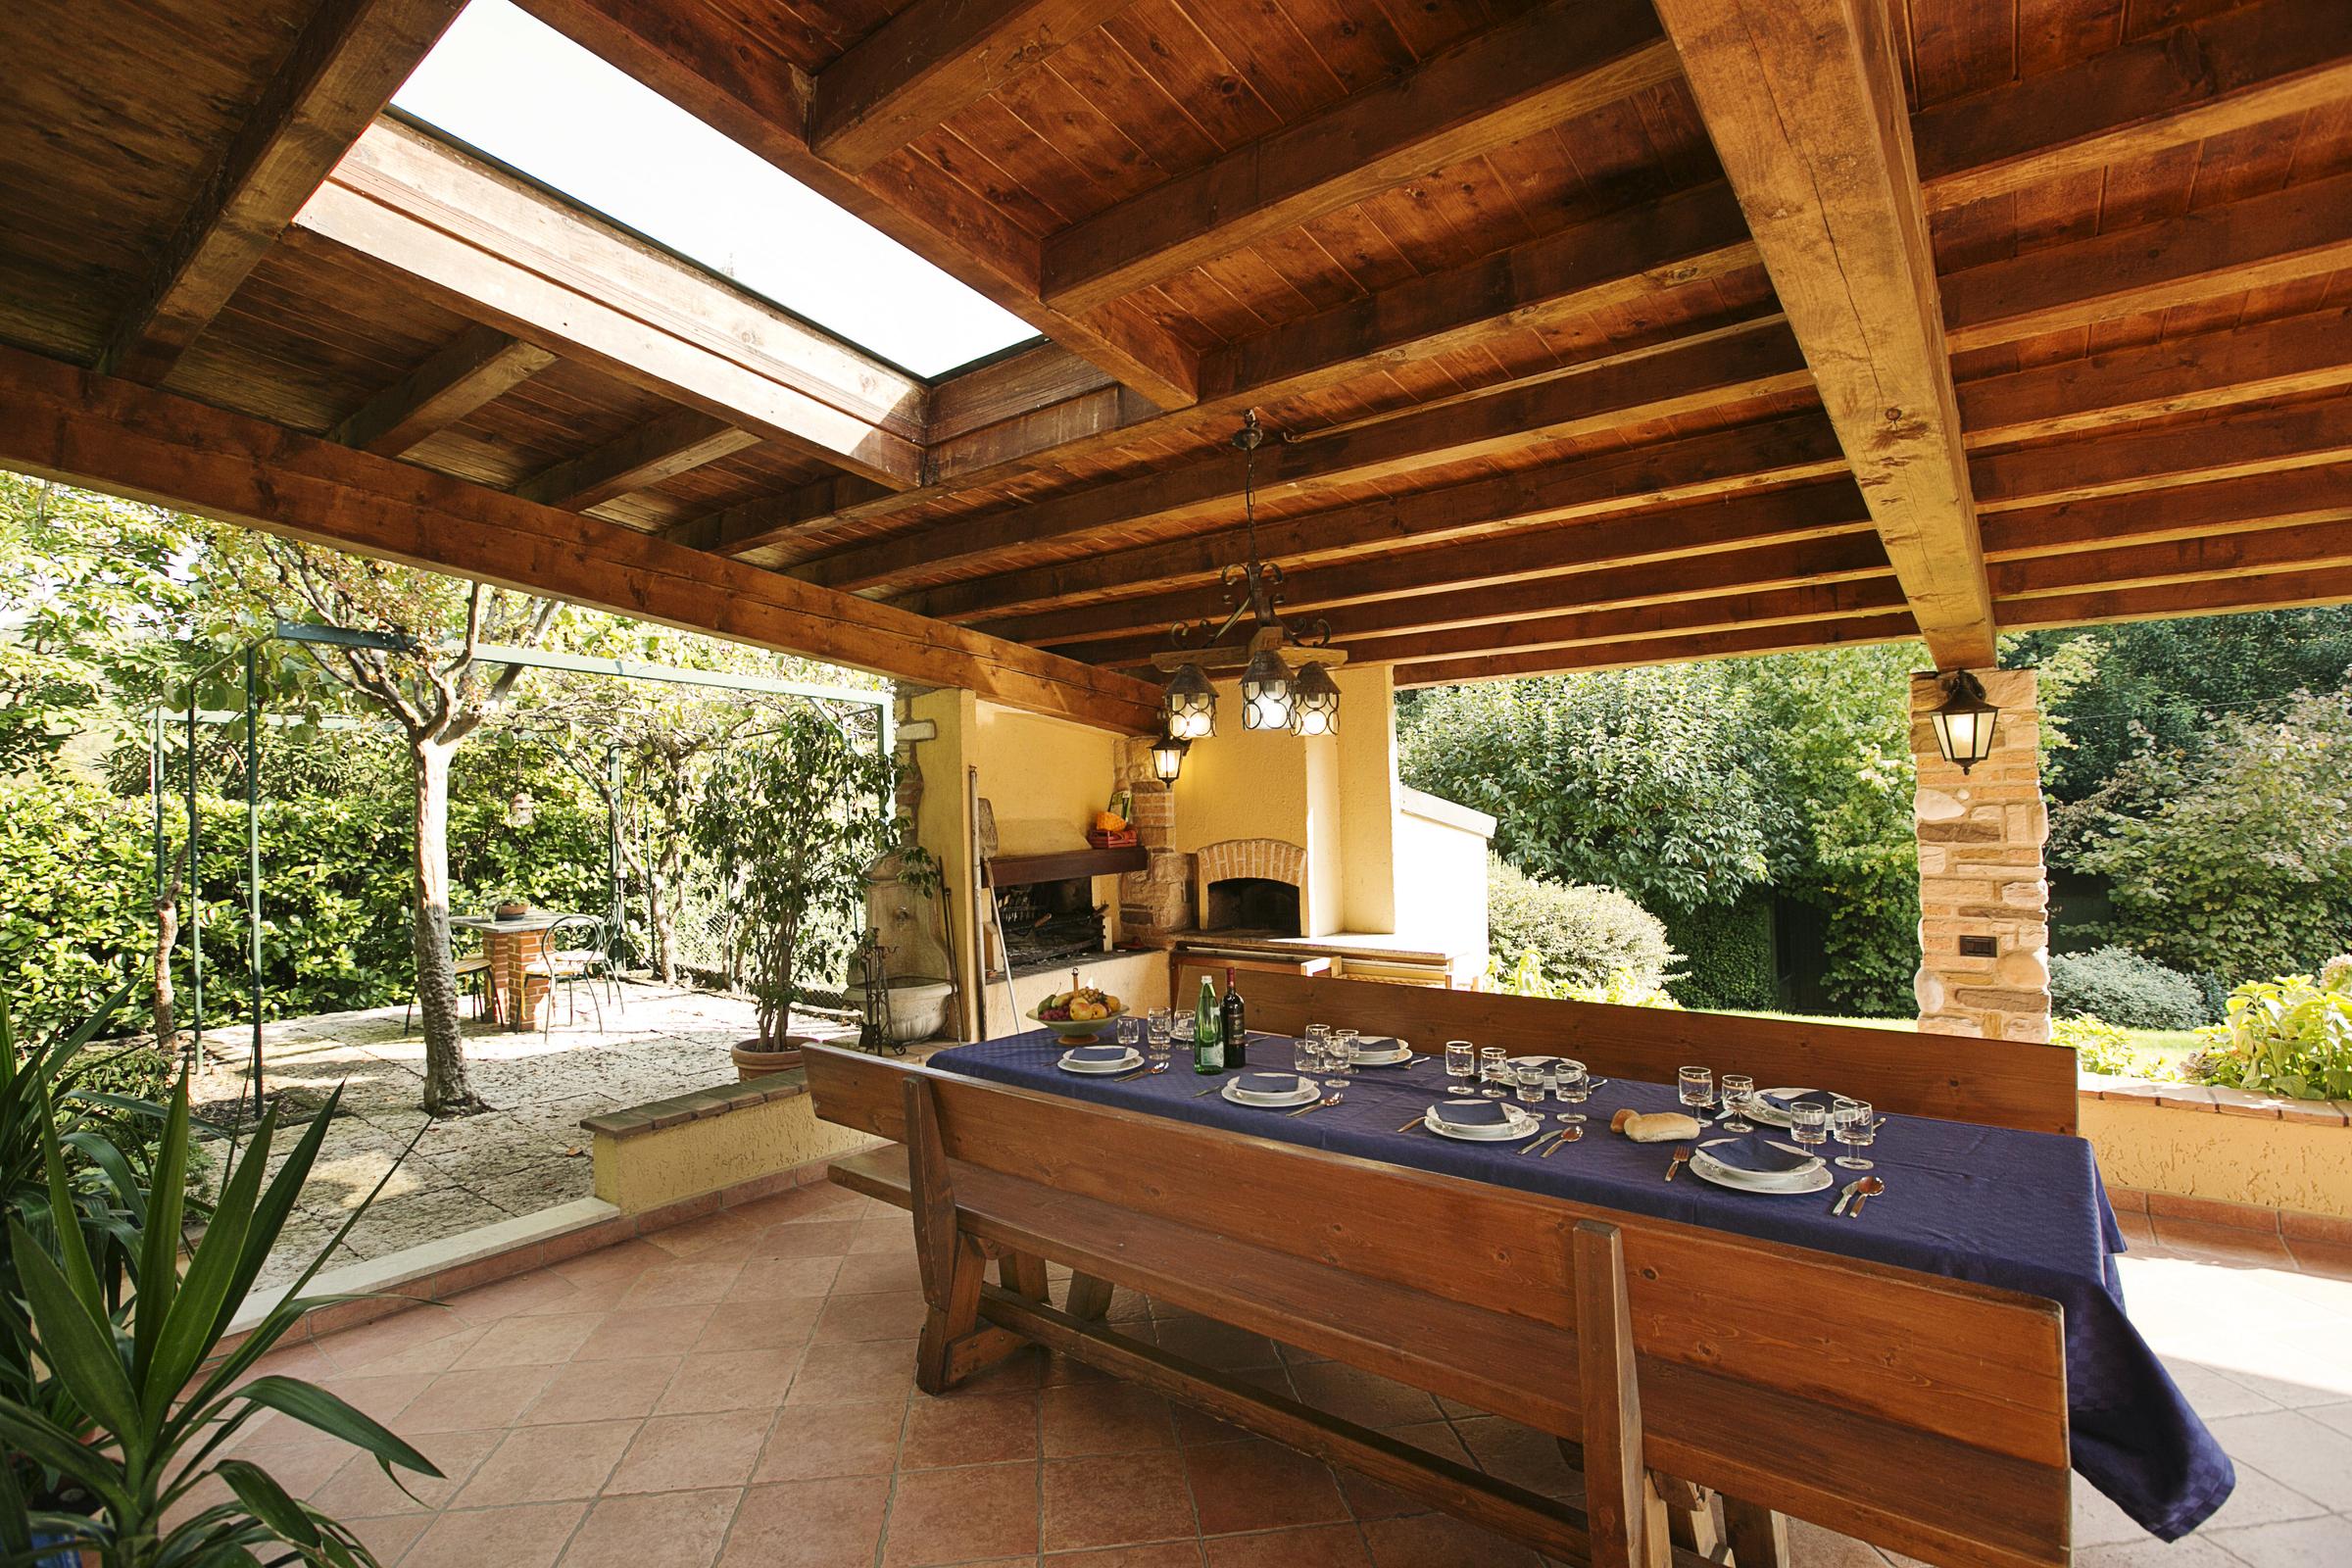 Vakantiehuis villa Italian Residence Gardameer Lago Garoliv